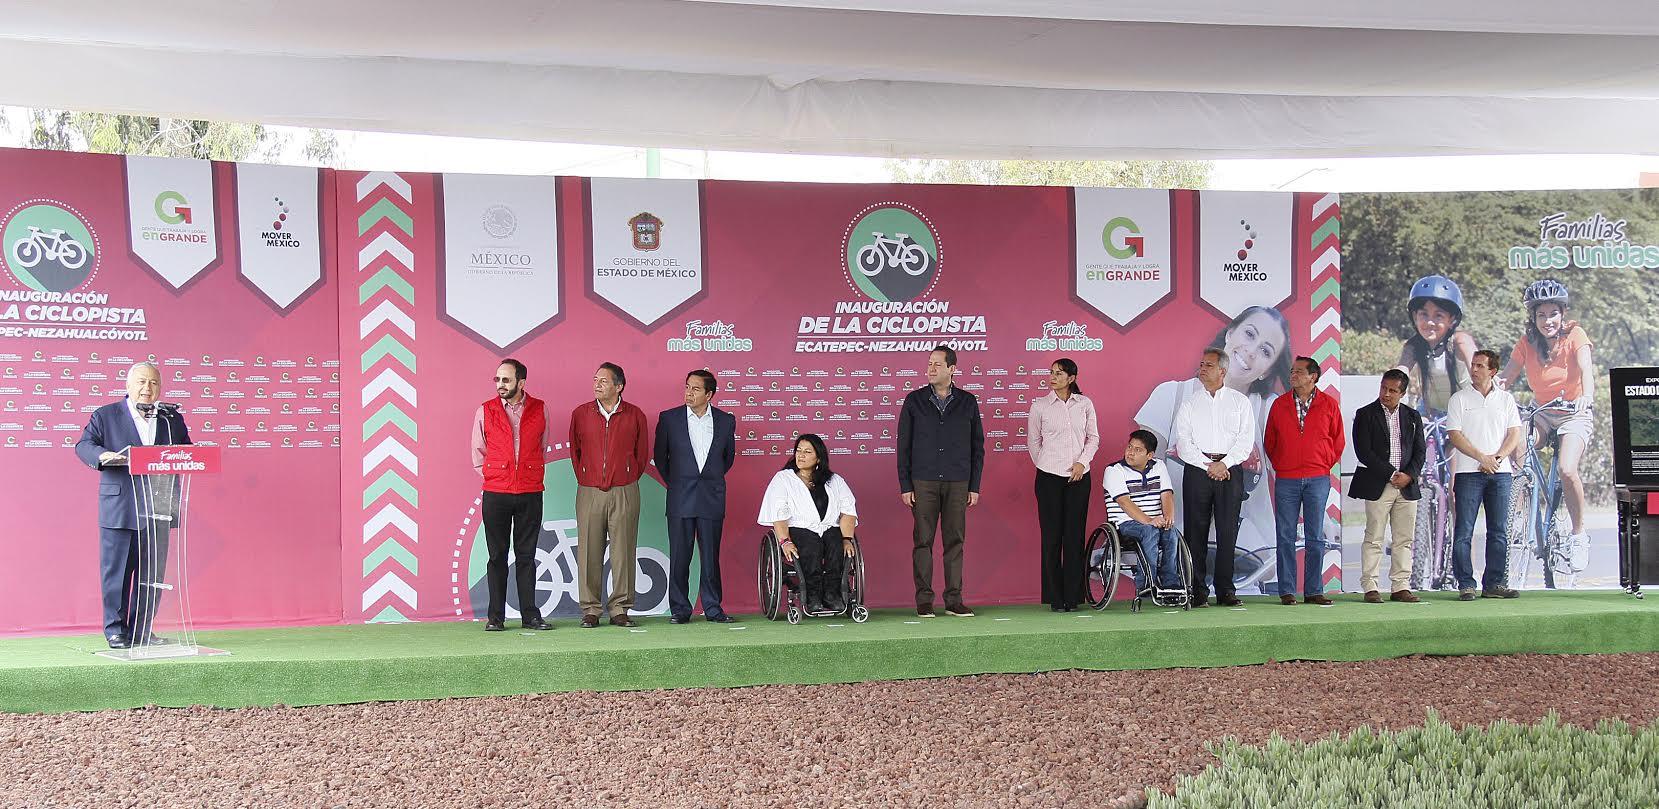 El secretario Emilio Chuayffet, durante la inauguración de una ciclopista en la Av. Central, Edo. Mex.